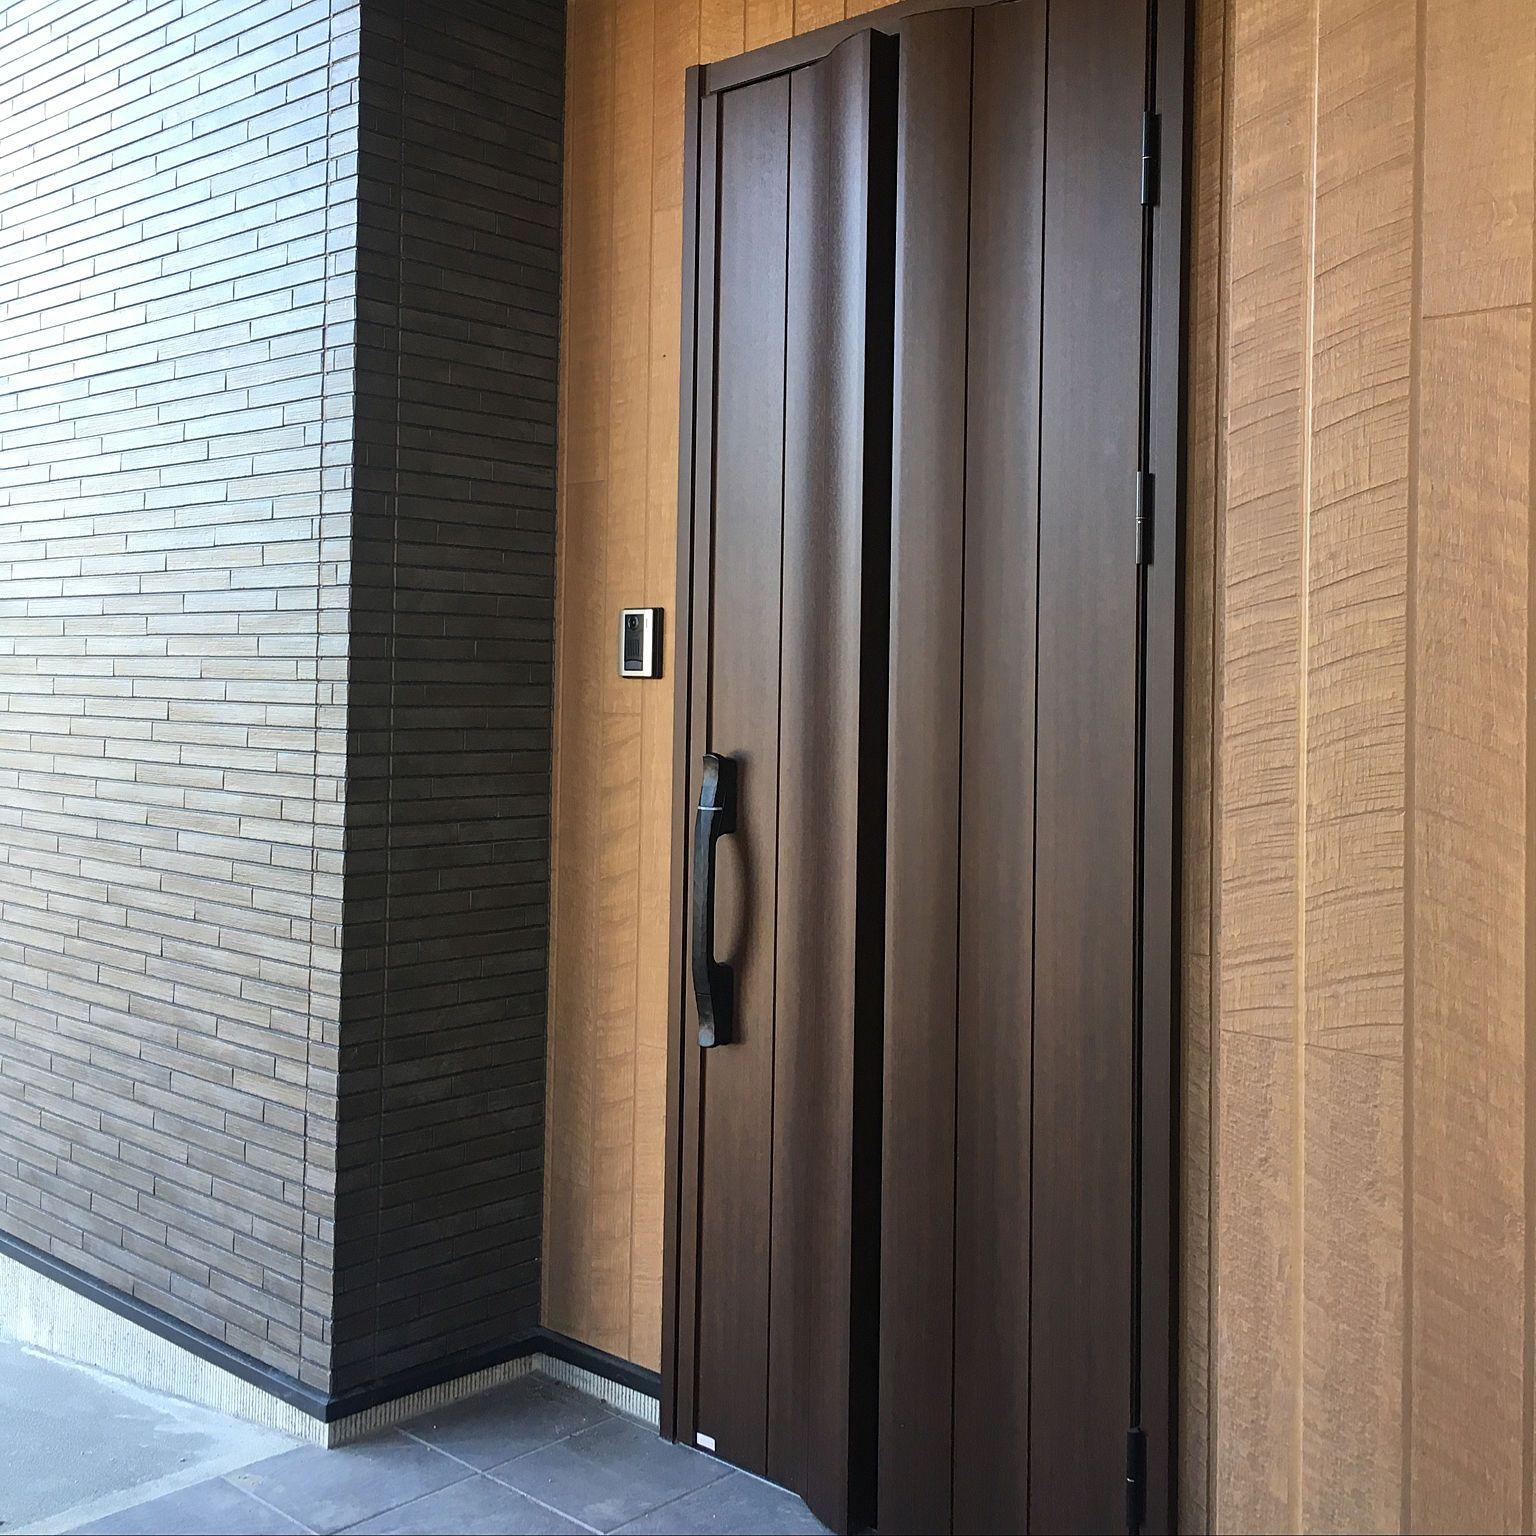 玄関 入り口 Ykk玄関ドア Ykk Ap 玄関ドア Ykkap 玄関 Ykk などの